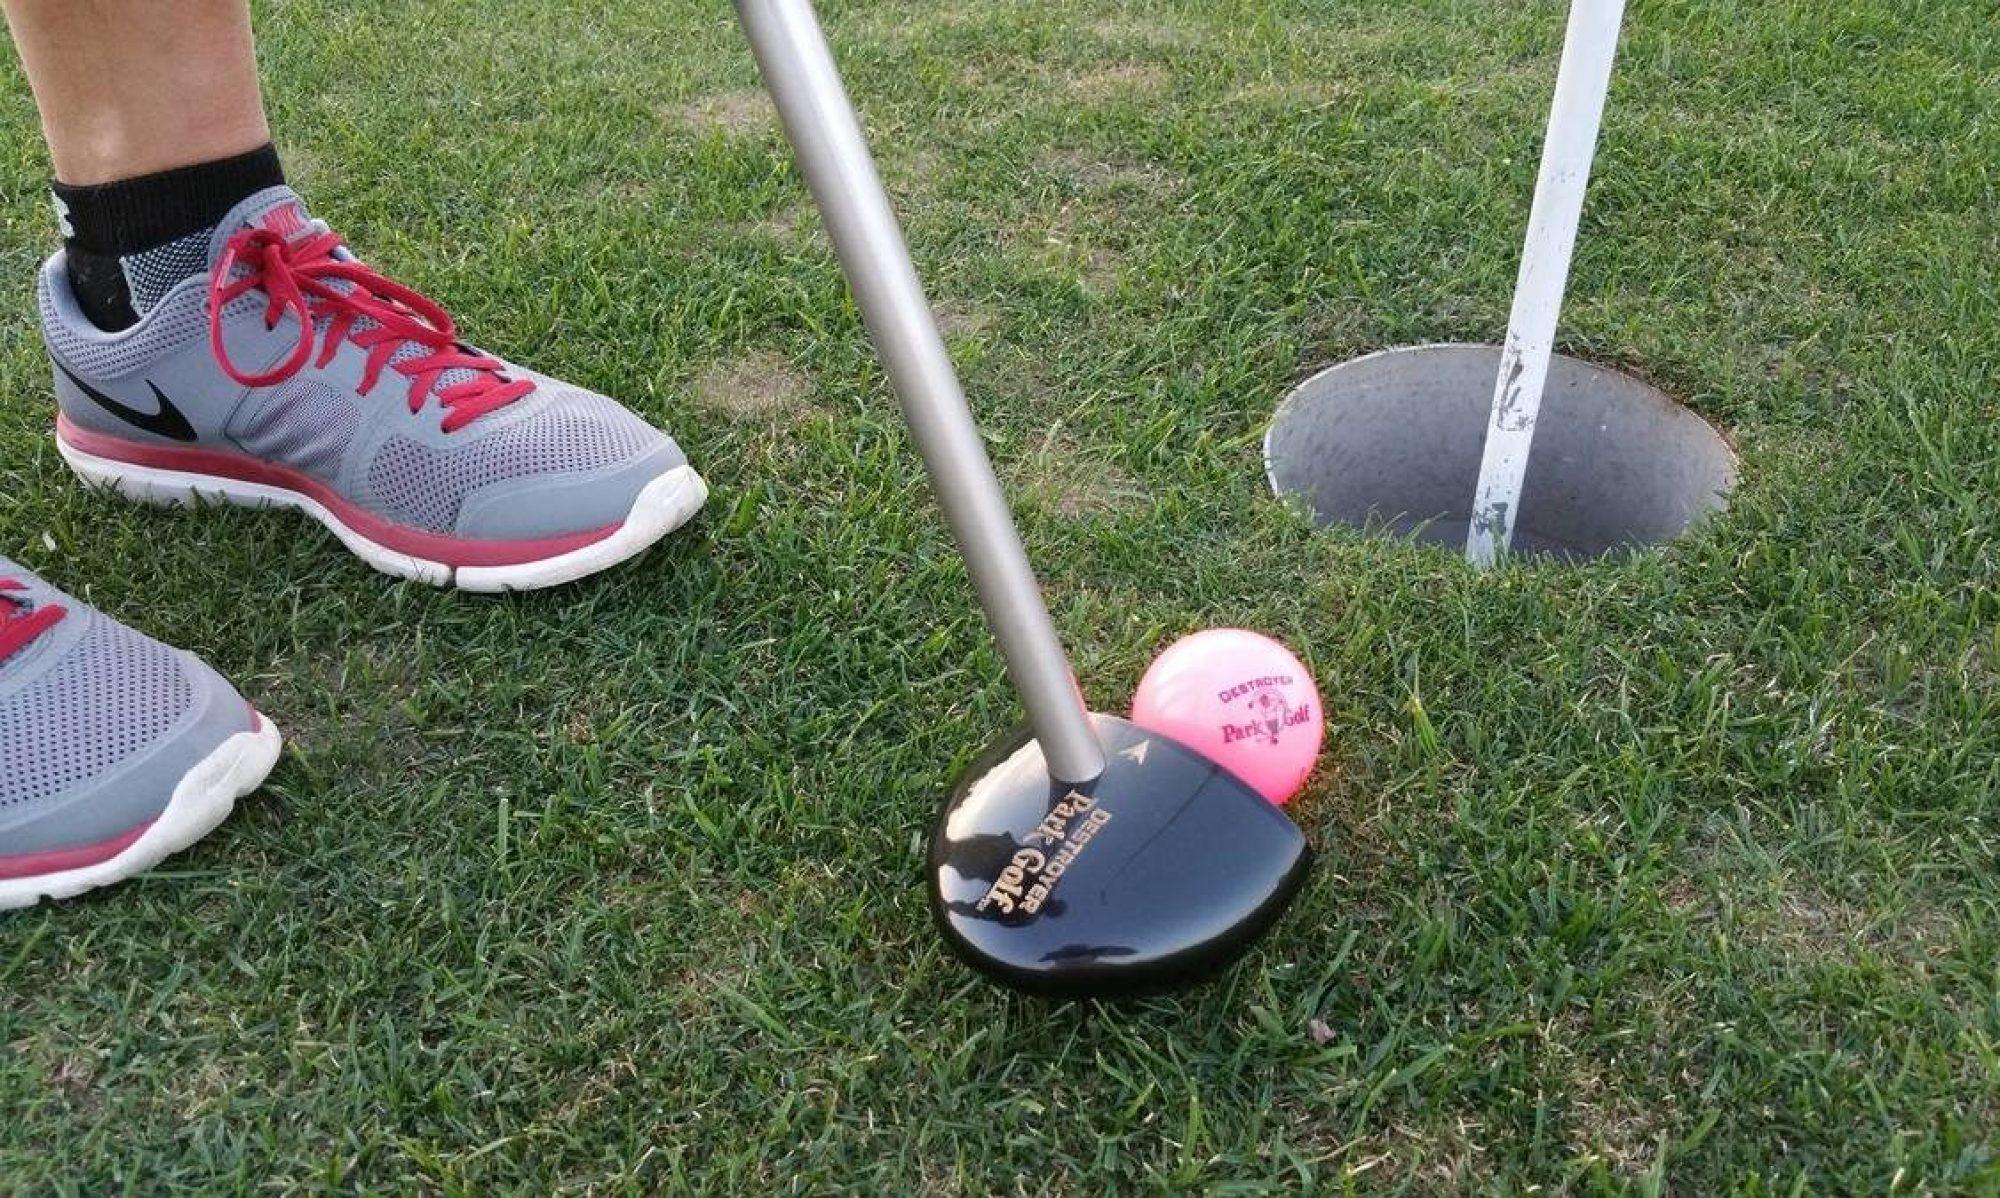 Parkgolf - Letspillet Japansk Golf for alle aldre. 2x9 huller. Inklusiv udstyr og instruktion. +45 3028 1009